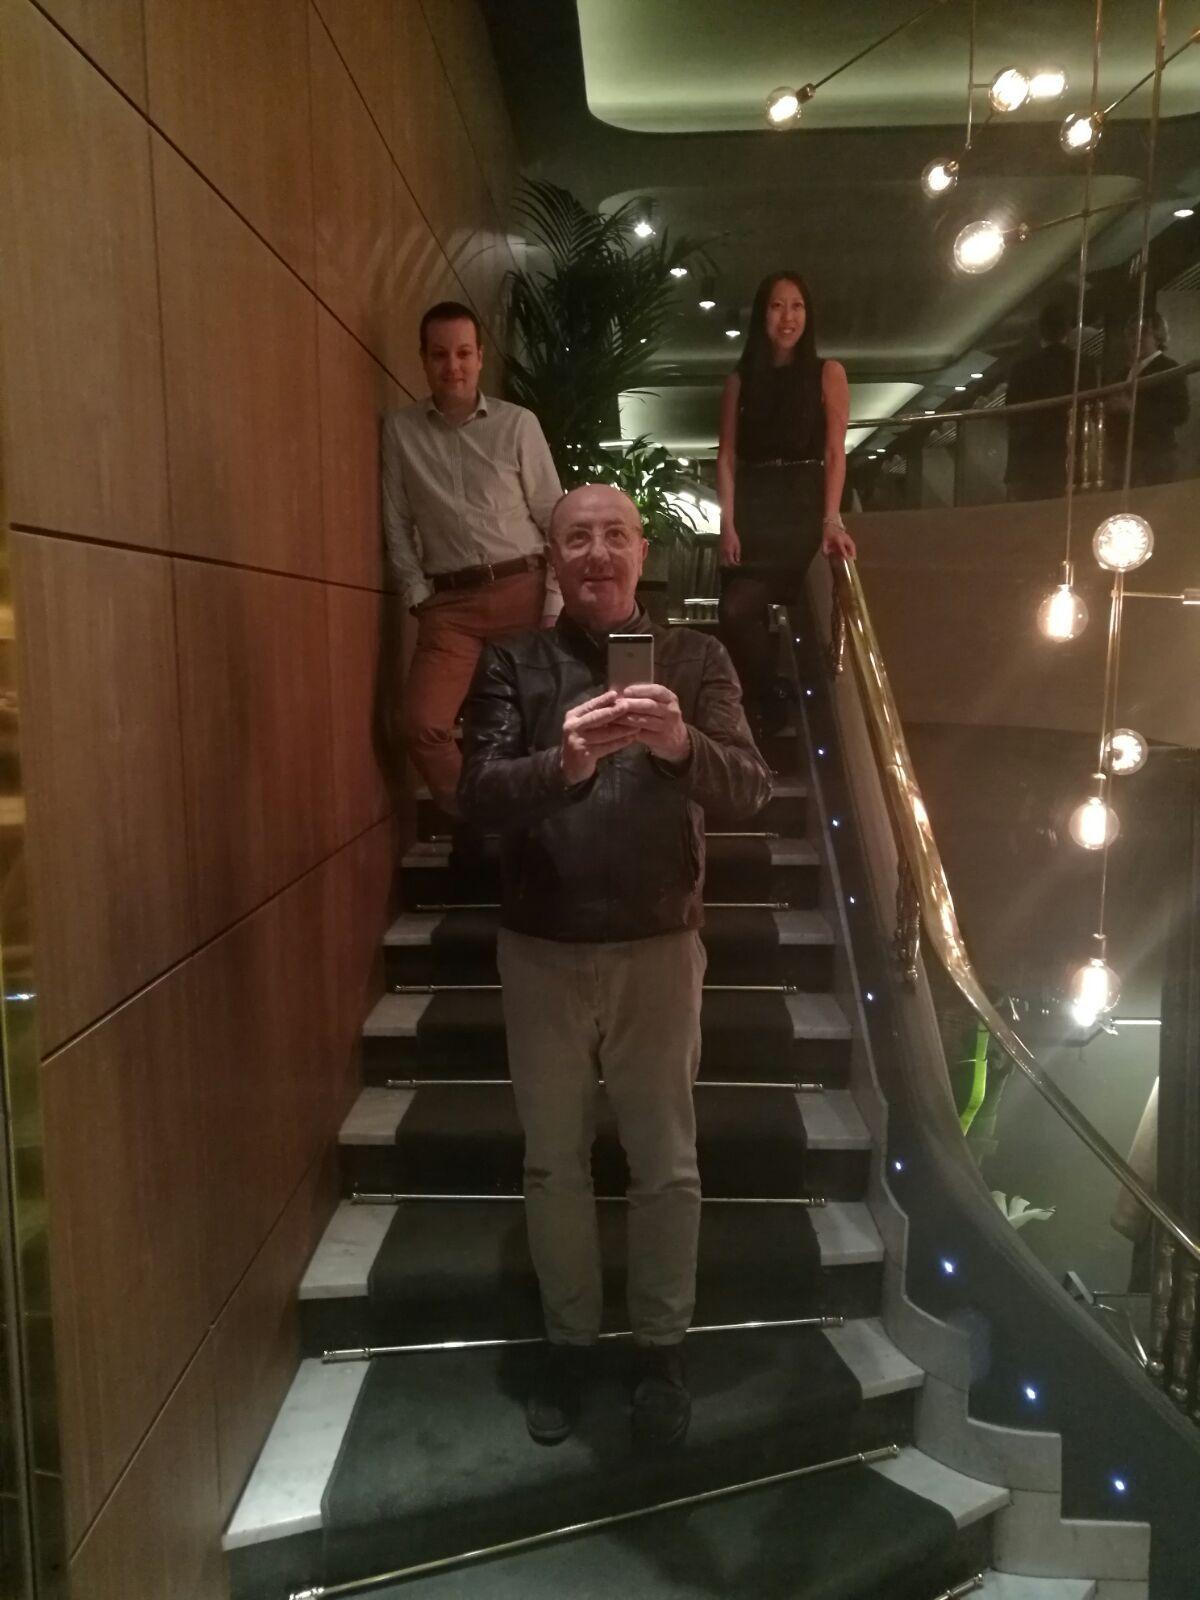 La Primera - Mirror selfie with Paco Quirós the owner